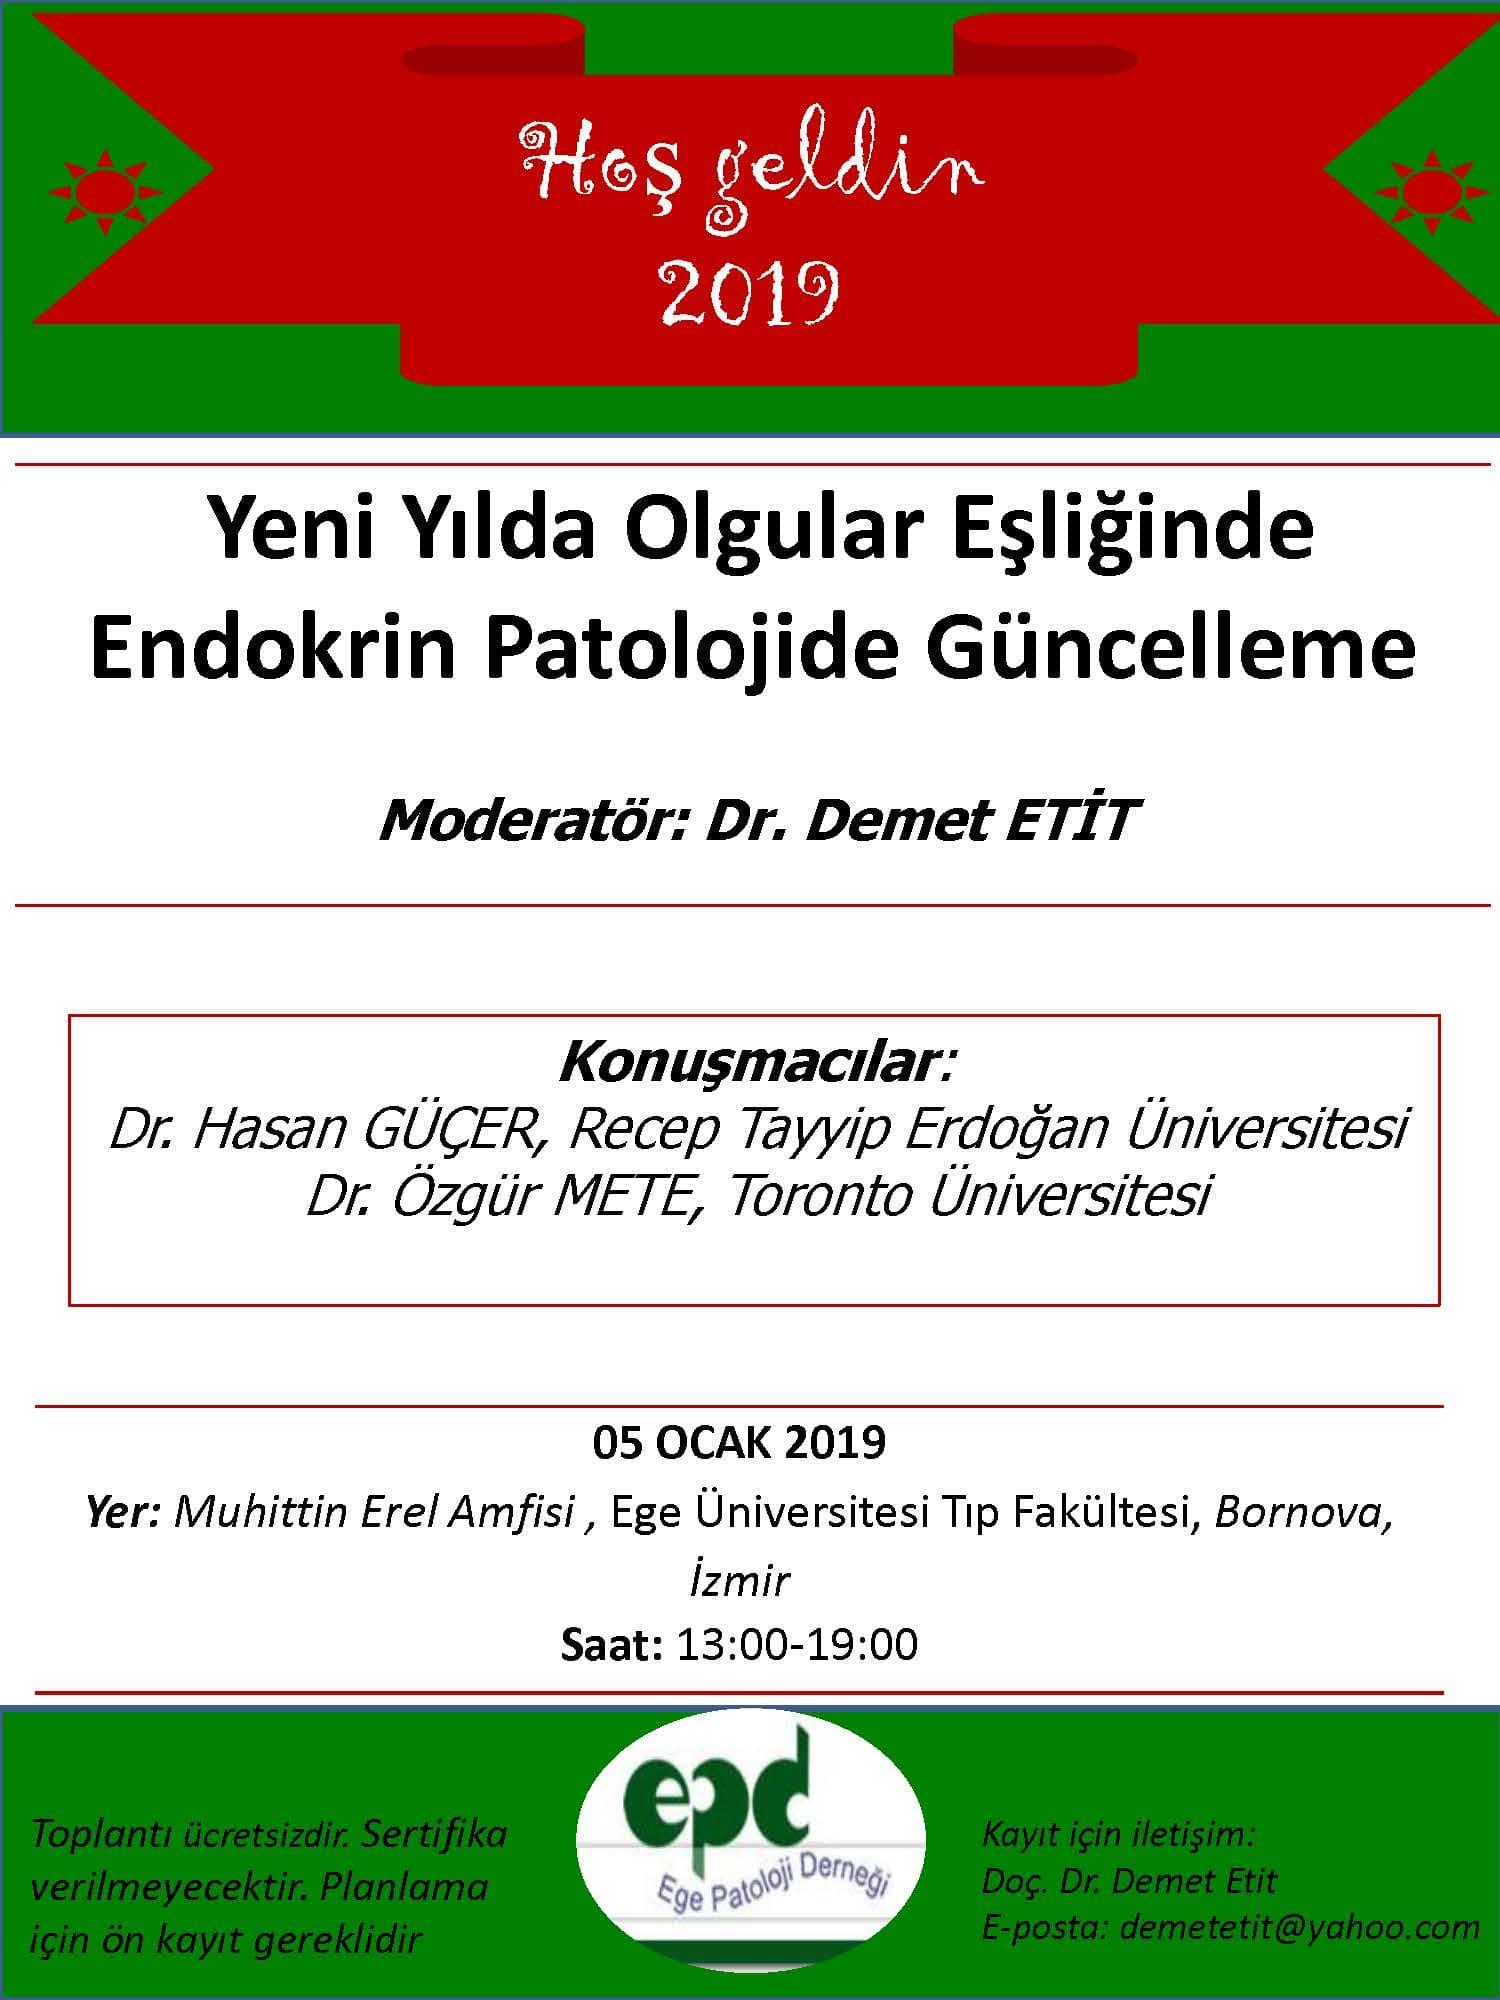 05 Ocak 2019 - Yeni Yılda Olgular Eşliğinde Endokrin Patolojide Güncelleme